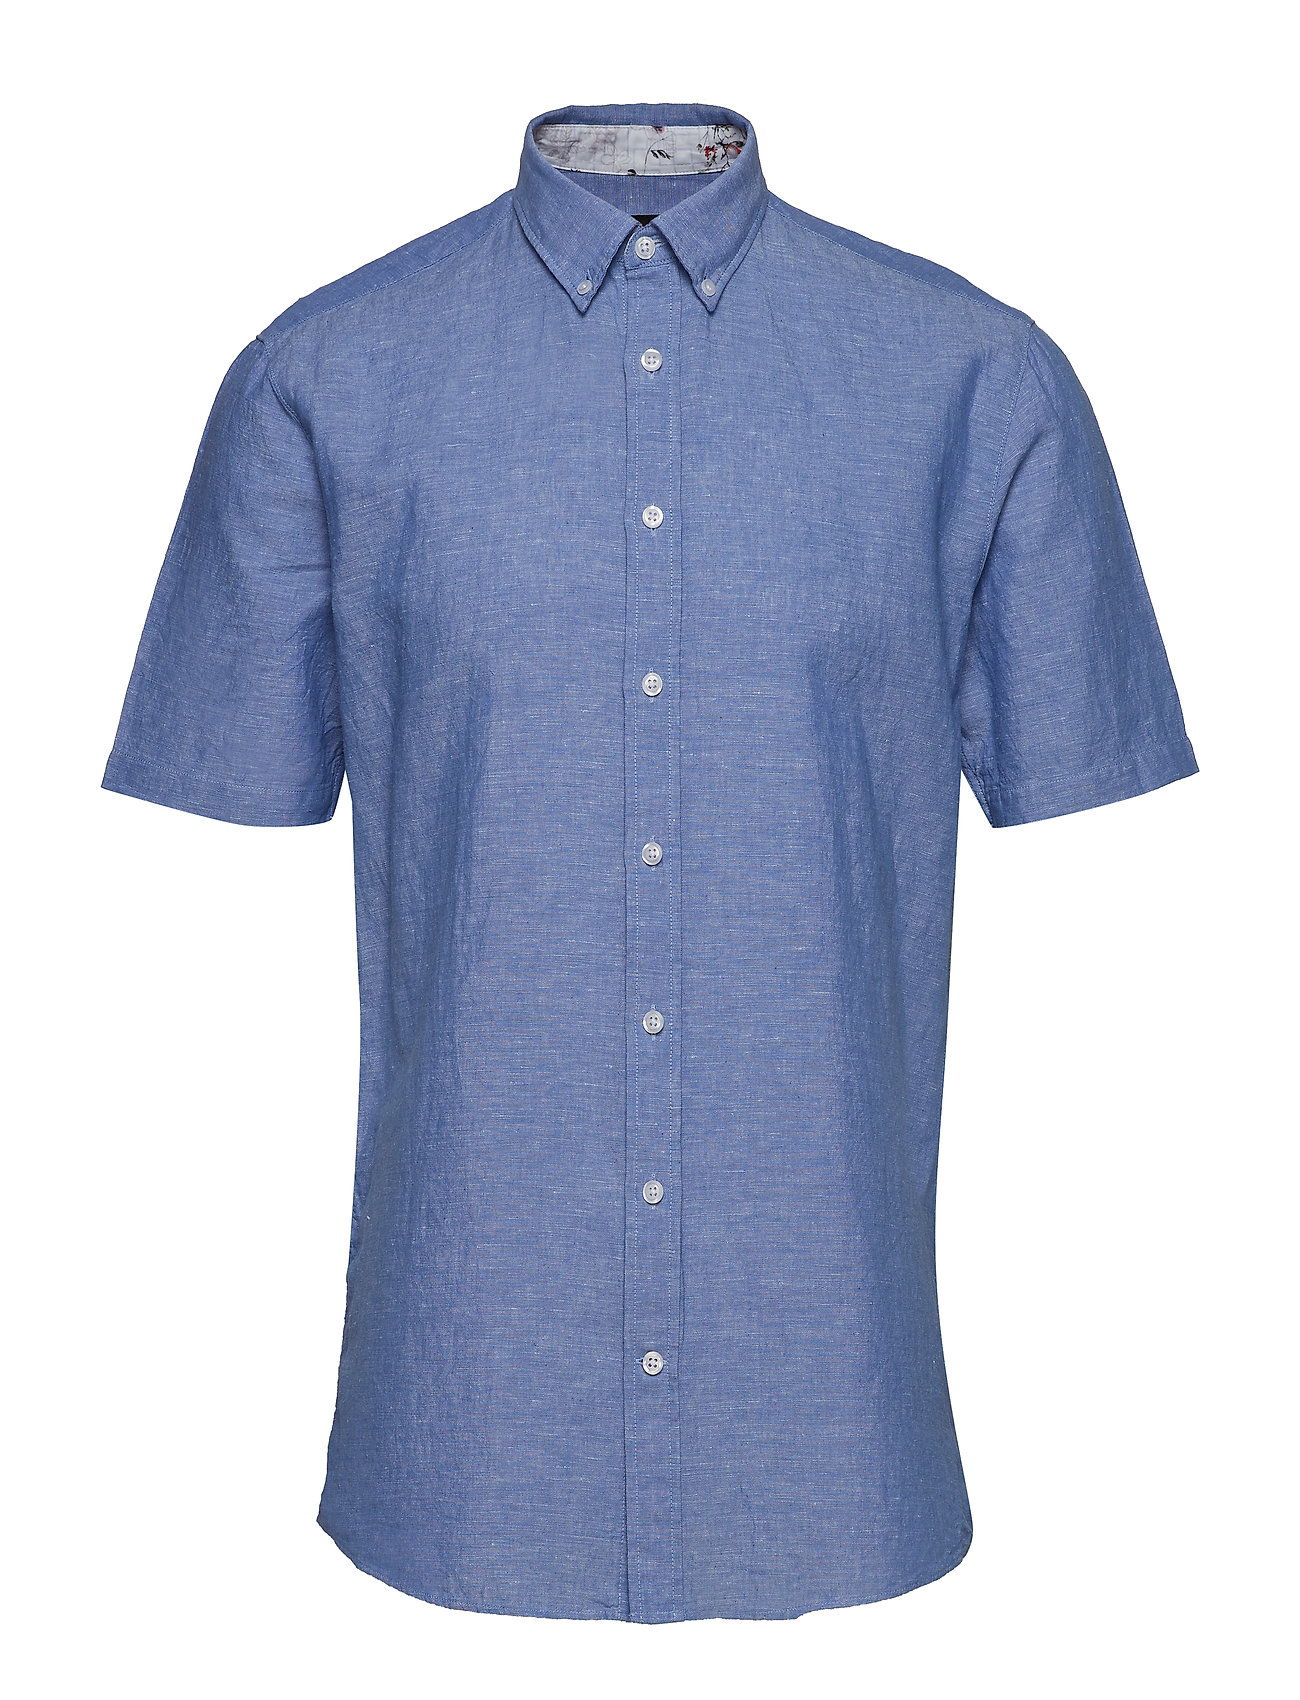 Lindbergh Solid cotton/linen shirt S/S - LIGHT BLUE